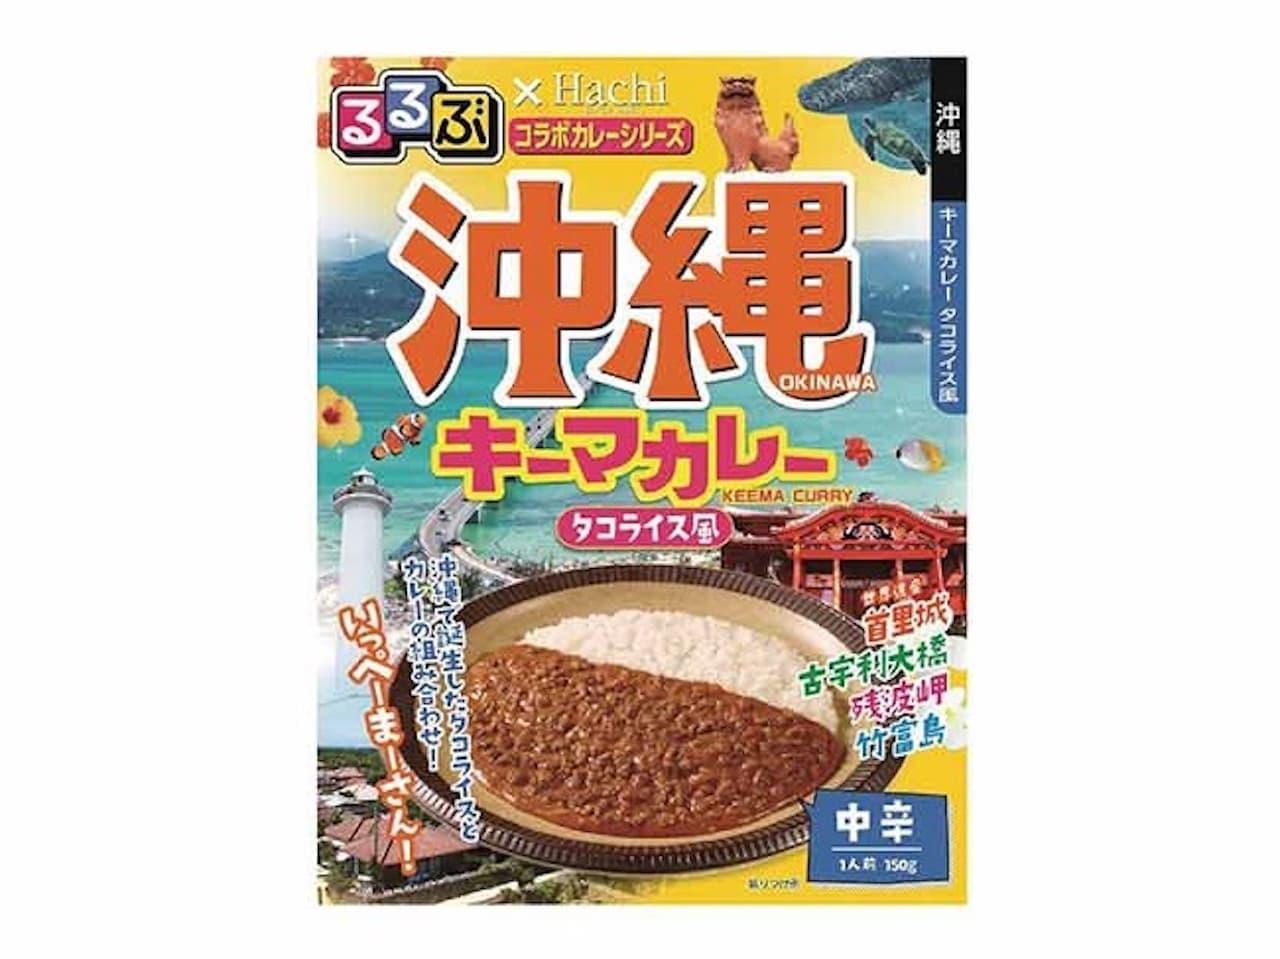 ローソンストア100「るるぶ×Hachi コラボカレーシリーズ 沖縄キーマカレー(タコライス風)」